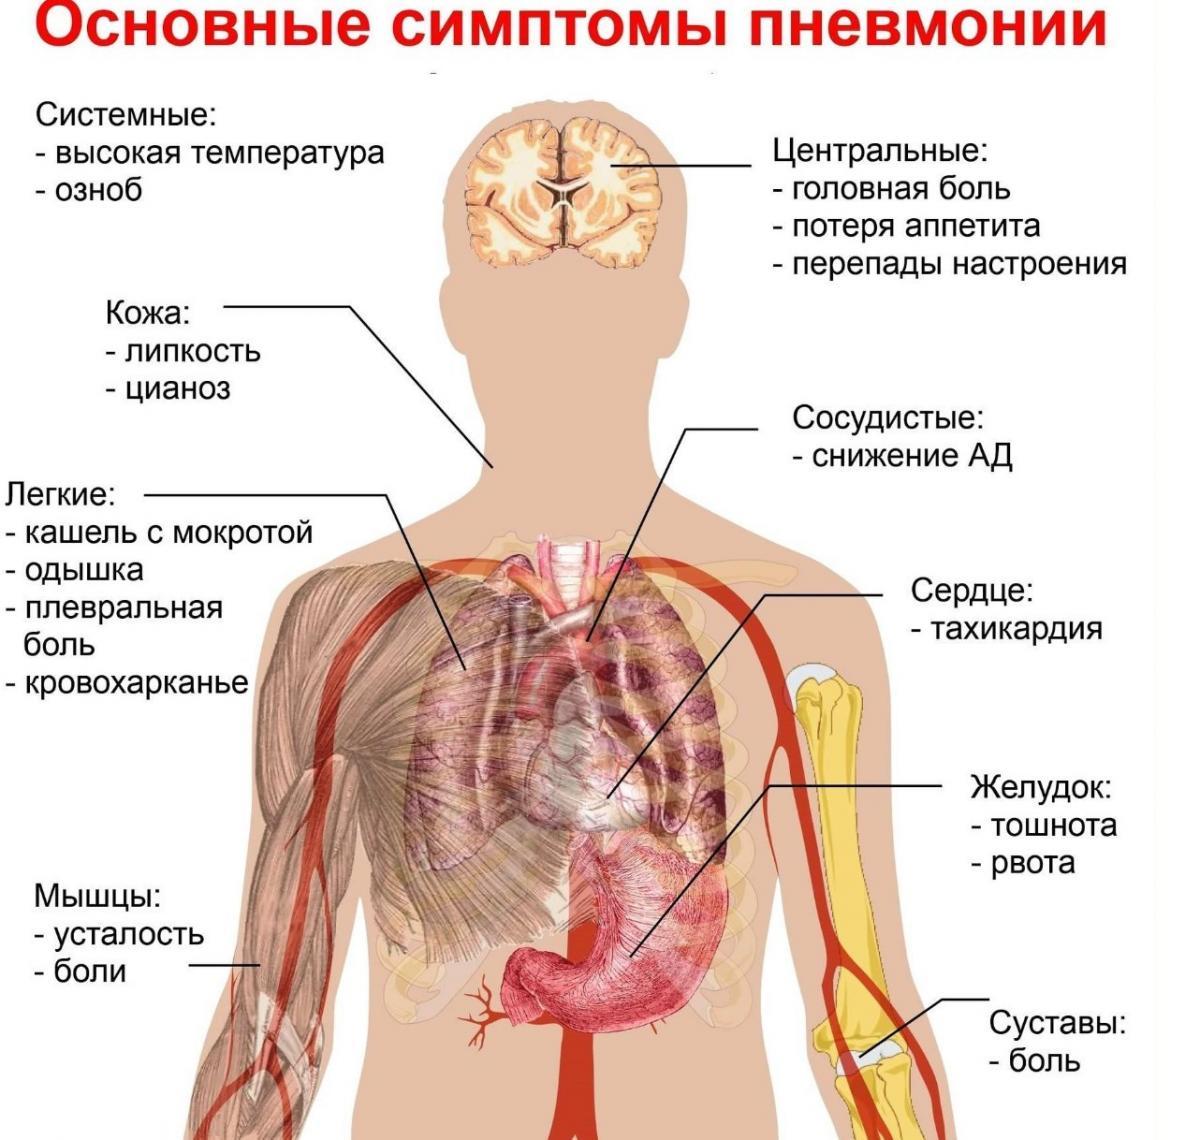 Пневмонія - симптоми